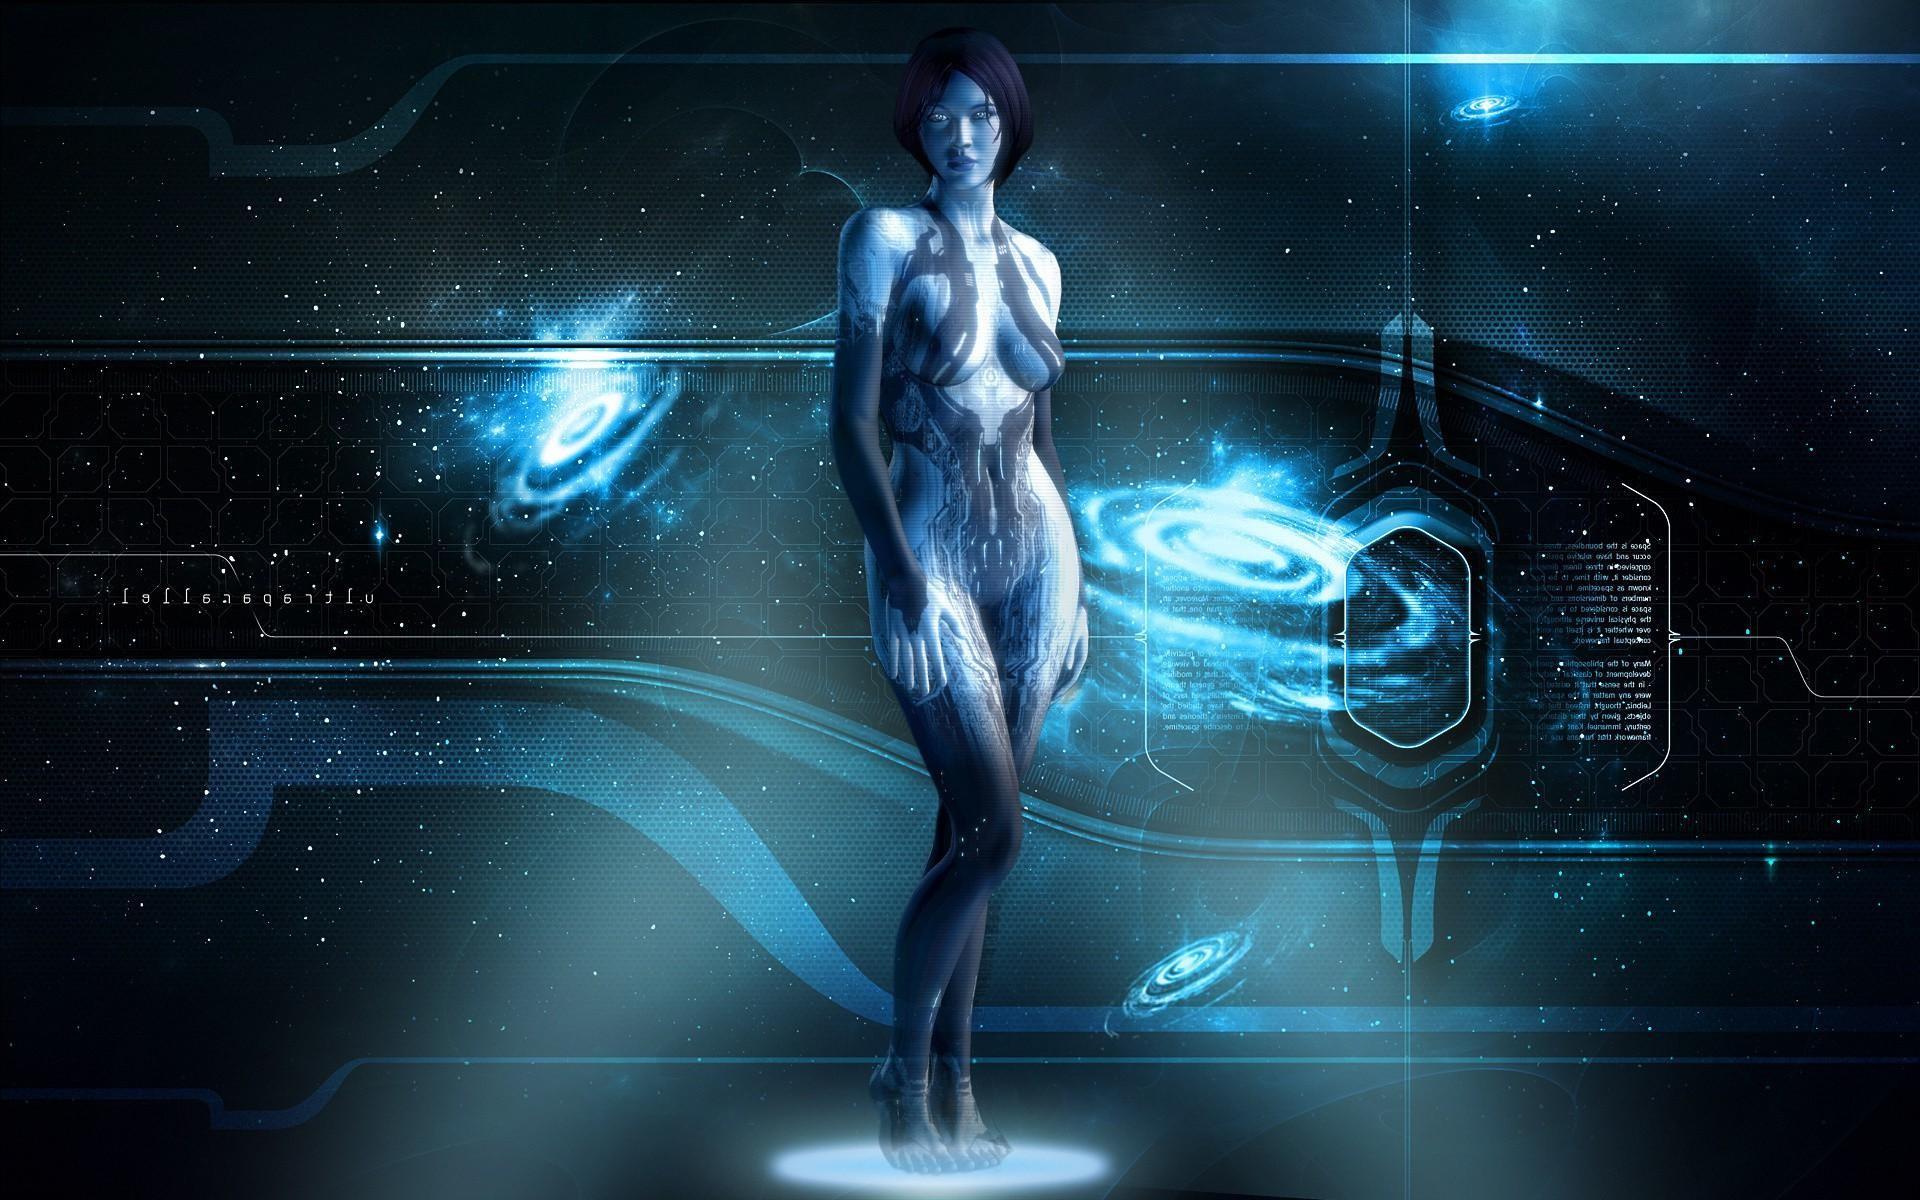 Halo 5 Cortana Wallpaper 81 Images